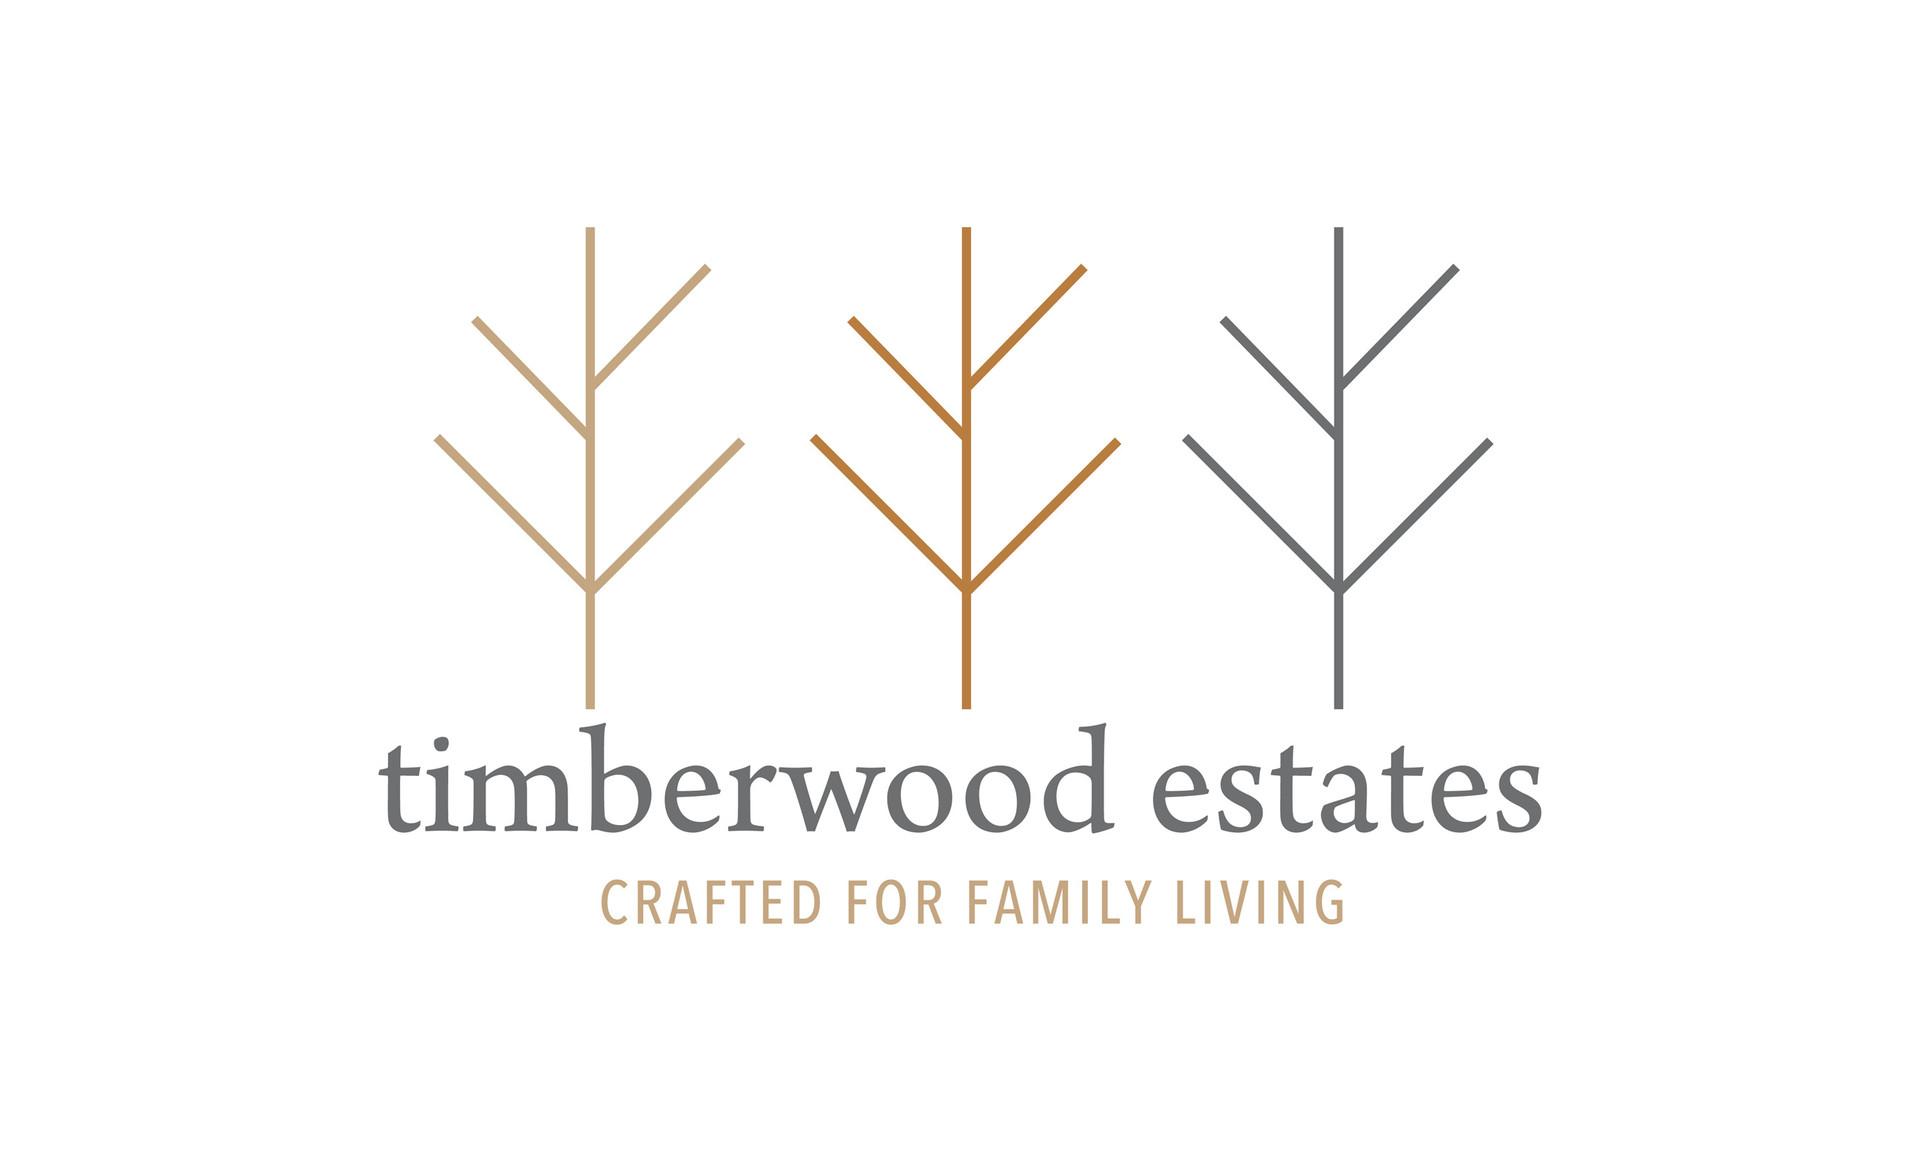 Timberwood Estates